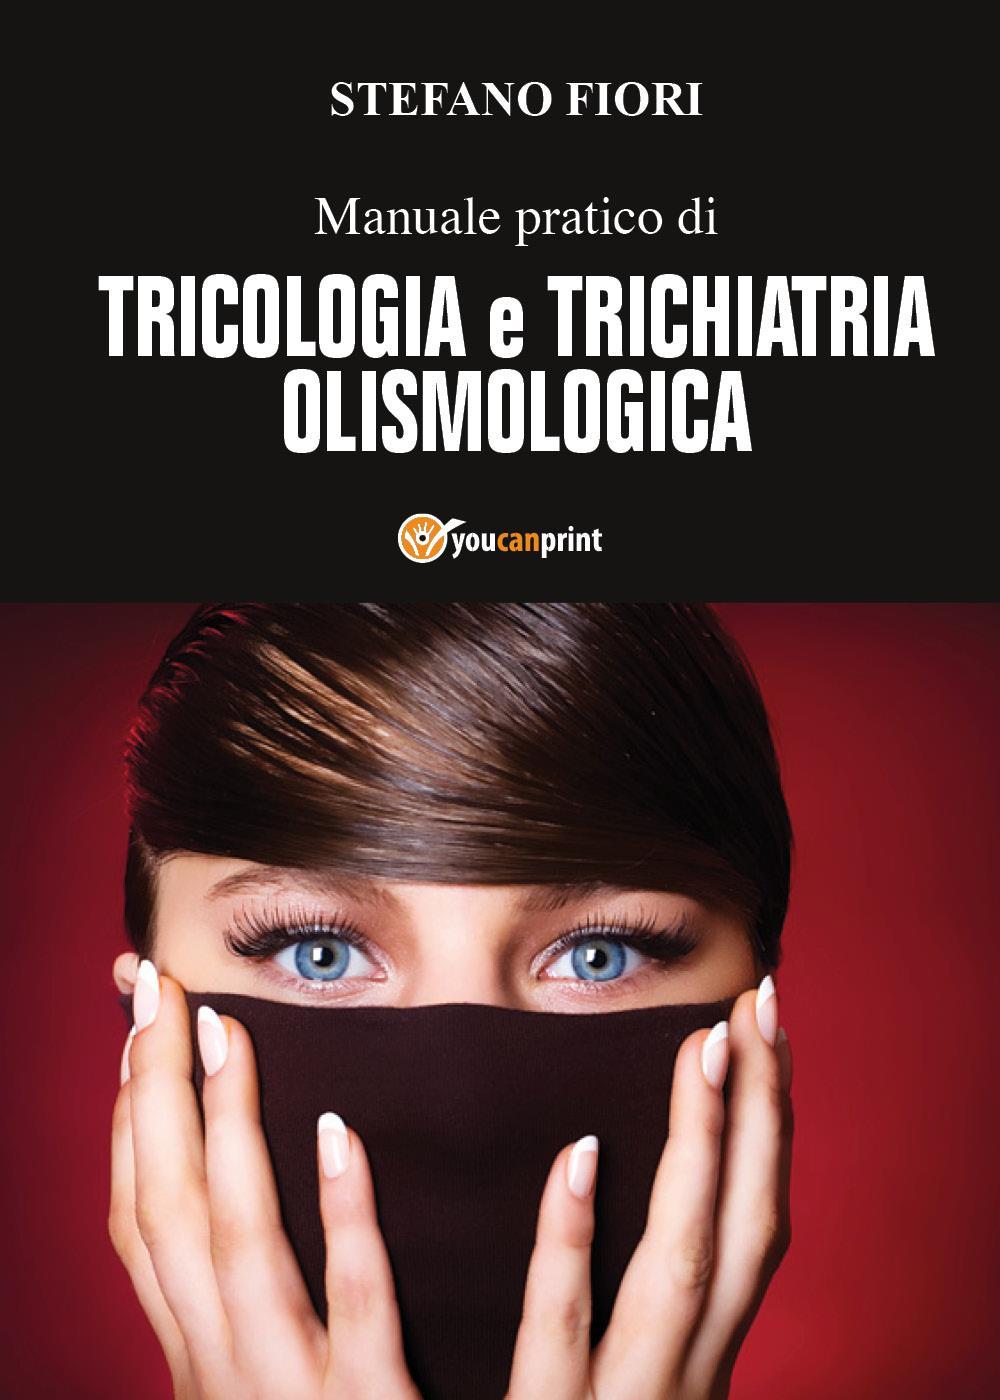 Manuale pratico di Tricologia e Trichiatria Olismologica